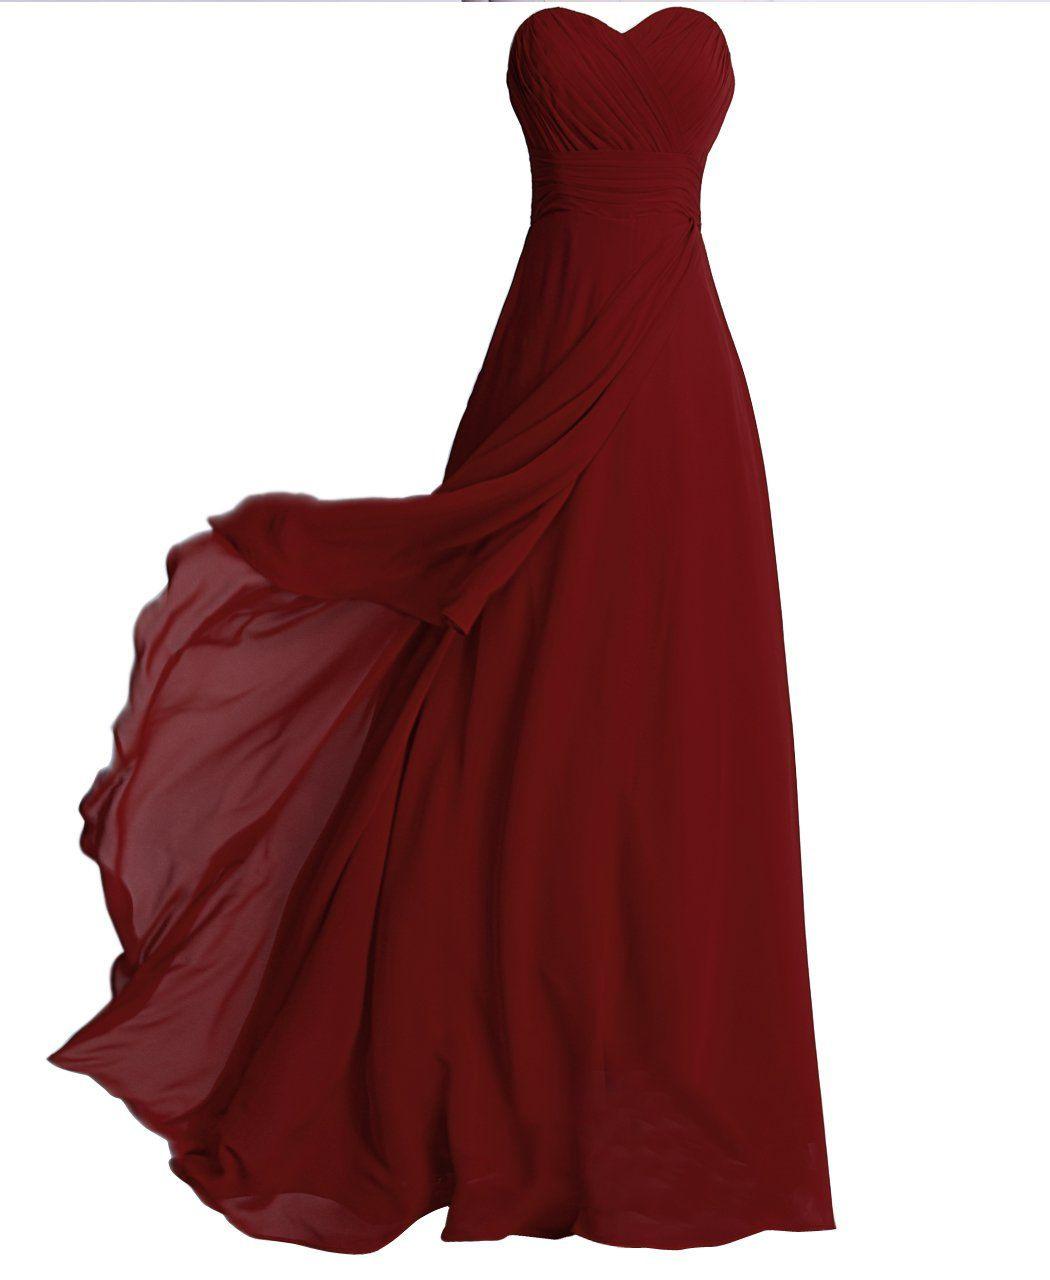 20 Elegant Hochzeit Abend Kleid Vertrieb17 Luxus Hochzeit Abend Kleid Ärmel